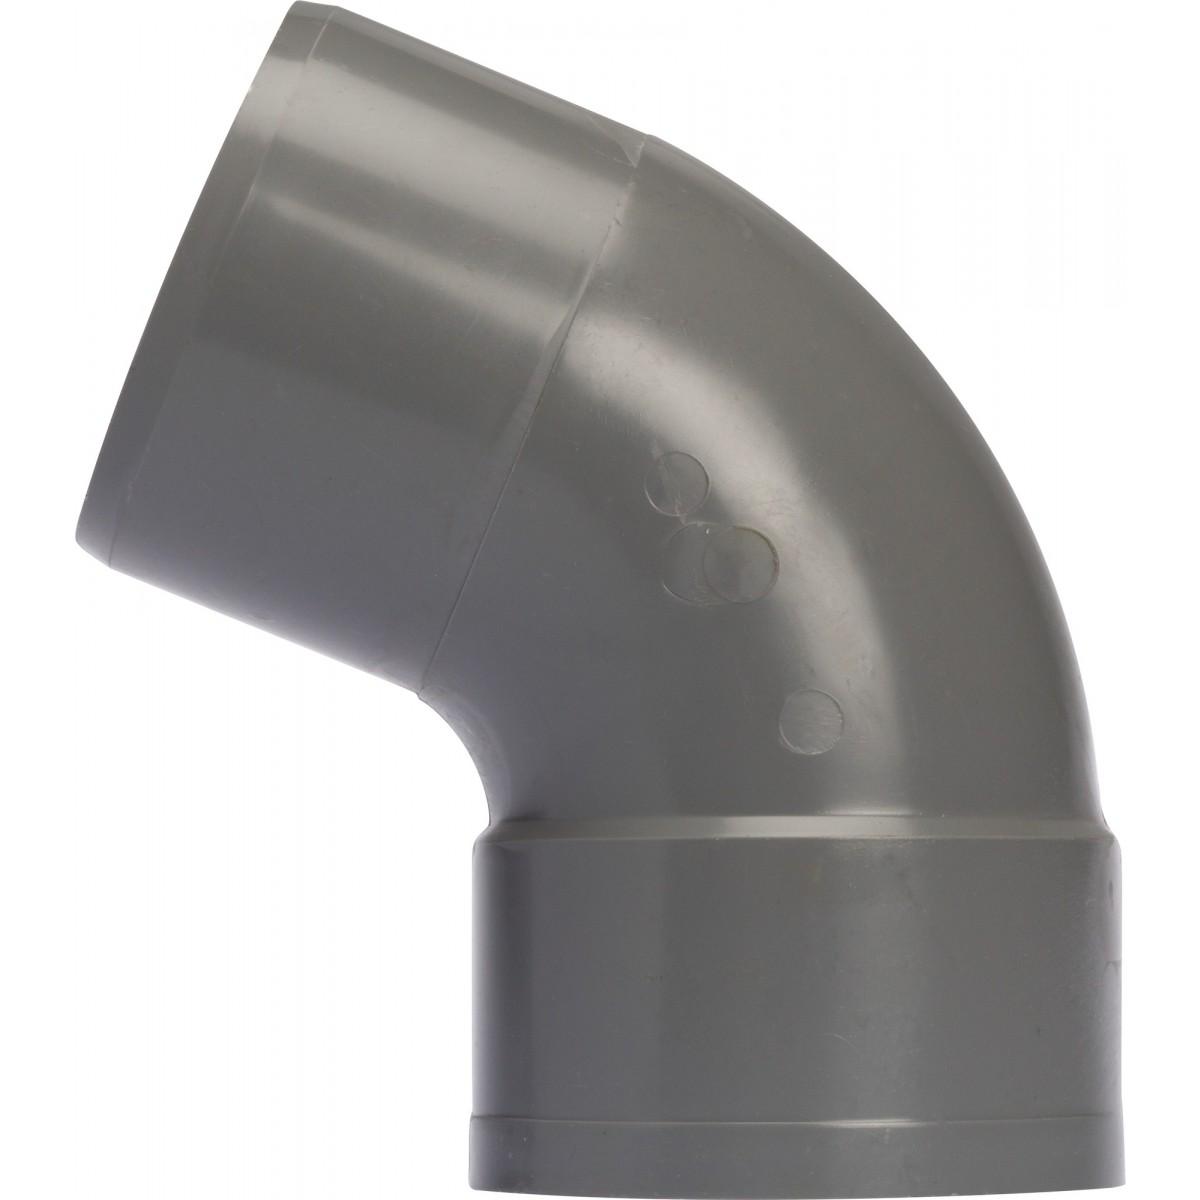 Coude à 67°30 Mâle / Femelle Girpi - Diamètre 100 mm